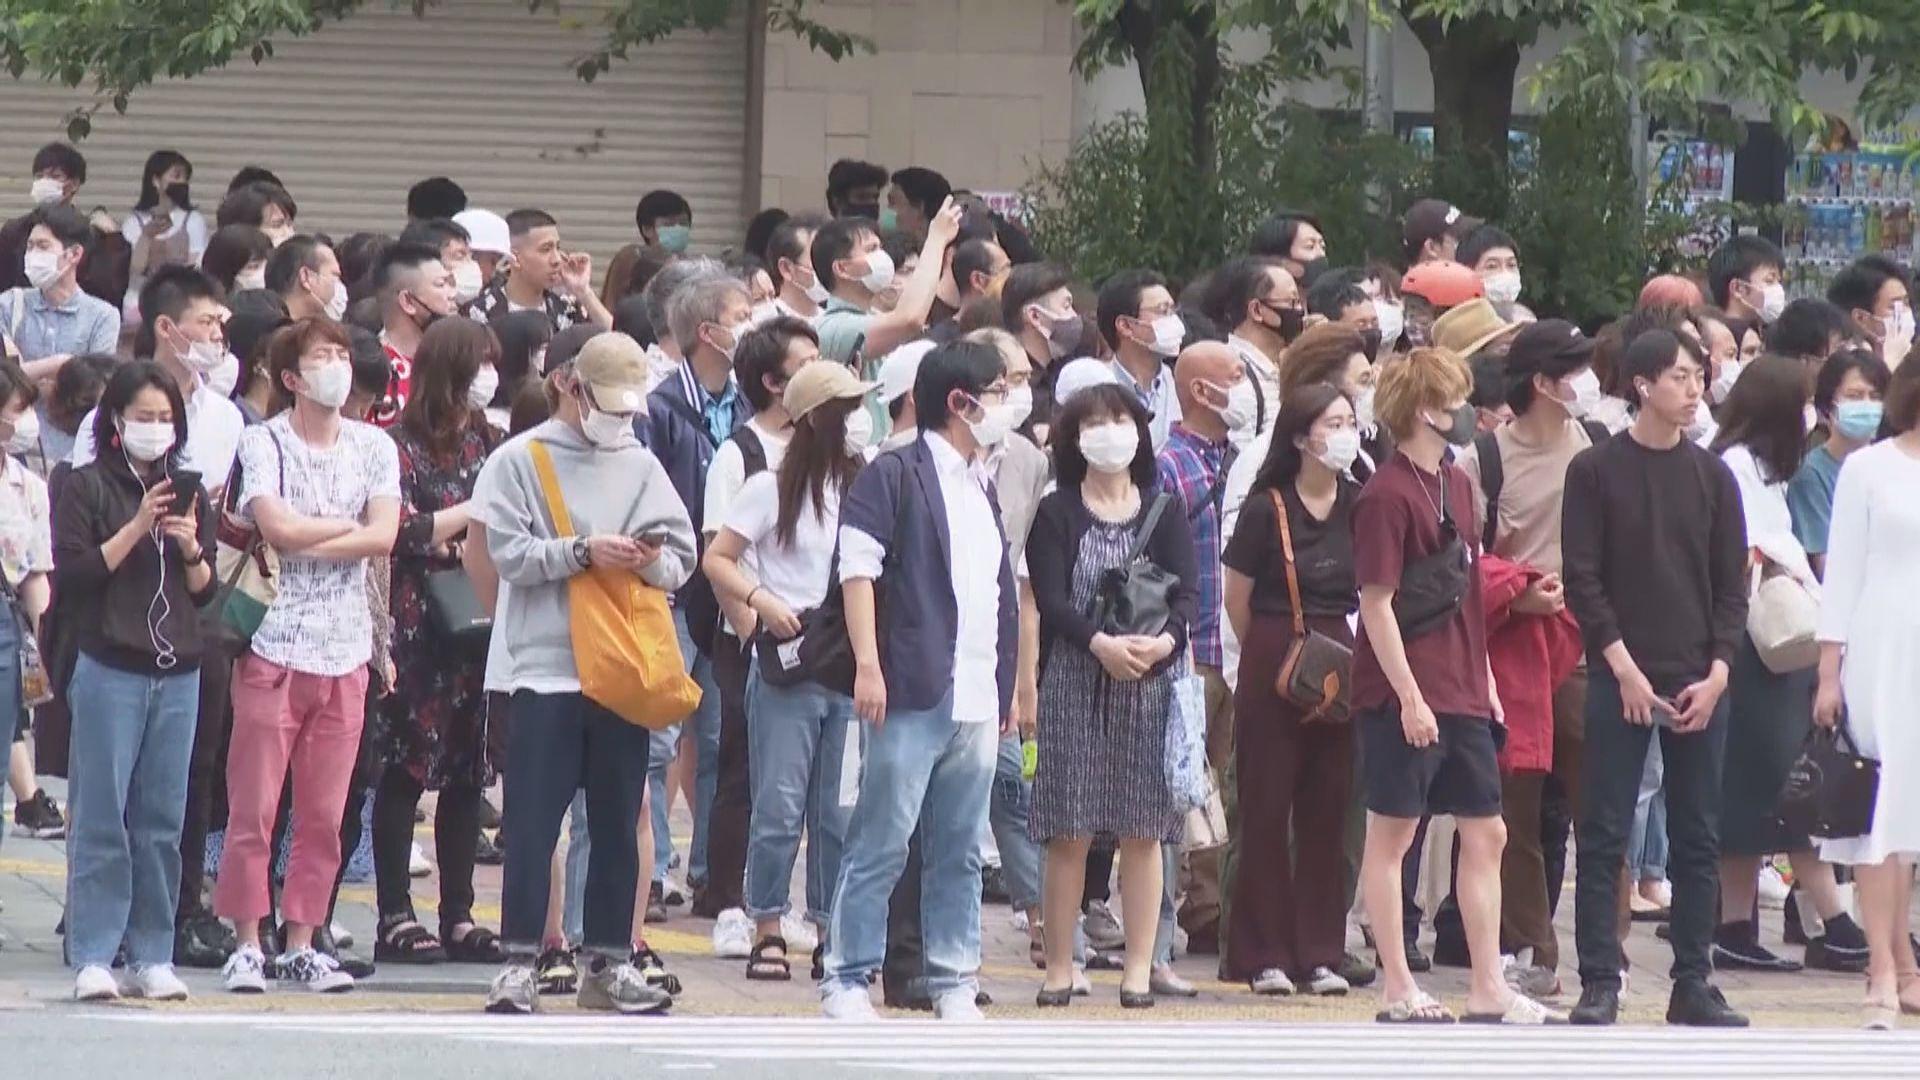 東京都新冠病毒警戒級別調至最高級